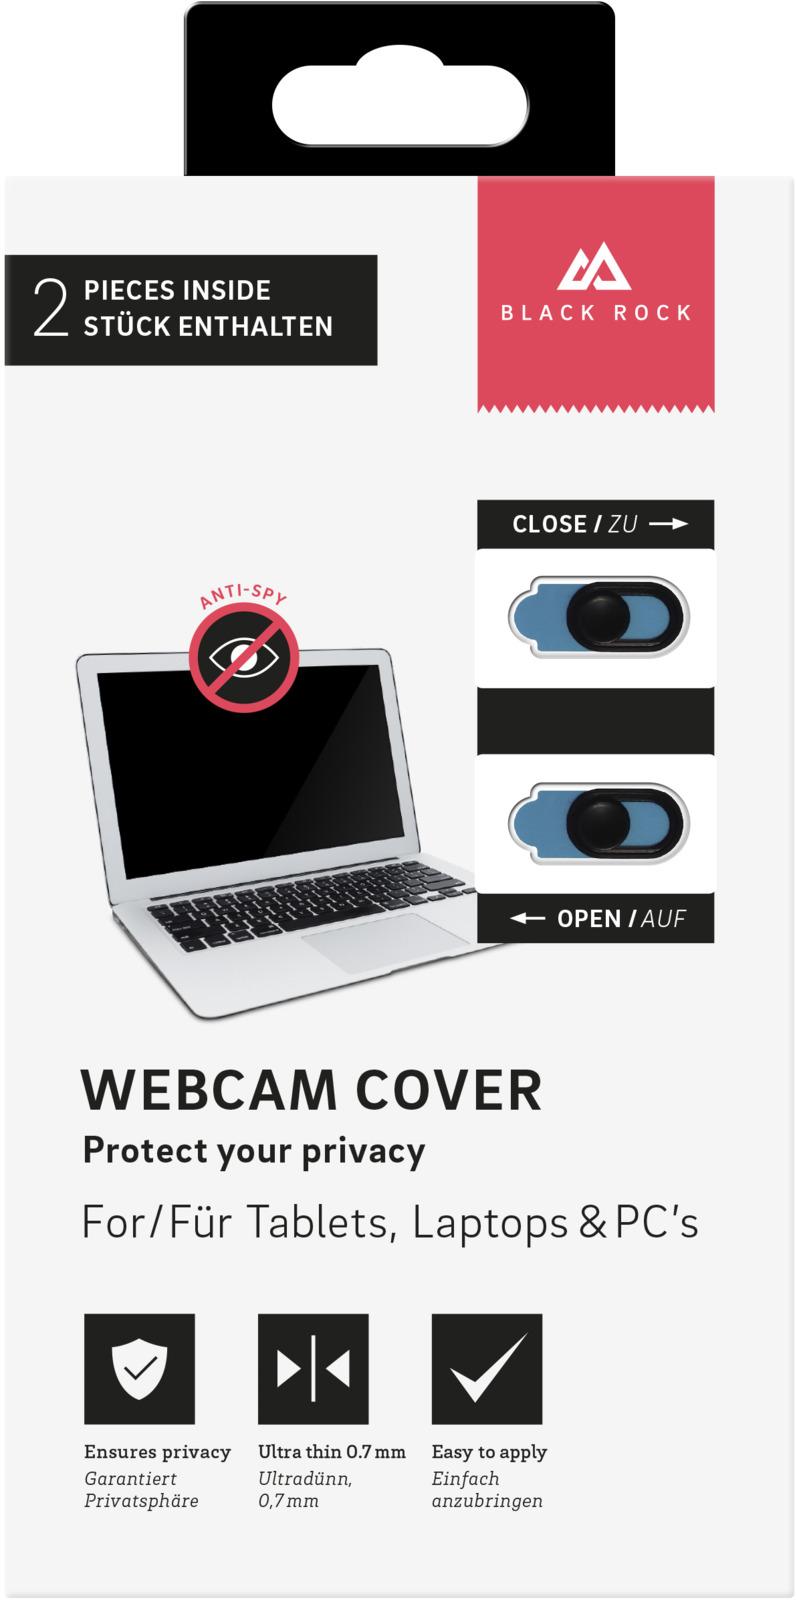 Шторка для веб камеры Black Rock, цвет: черный, 2 шт веб камеры инструкция